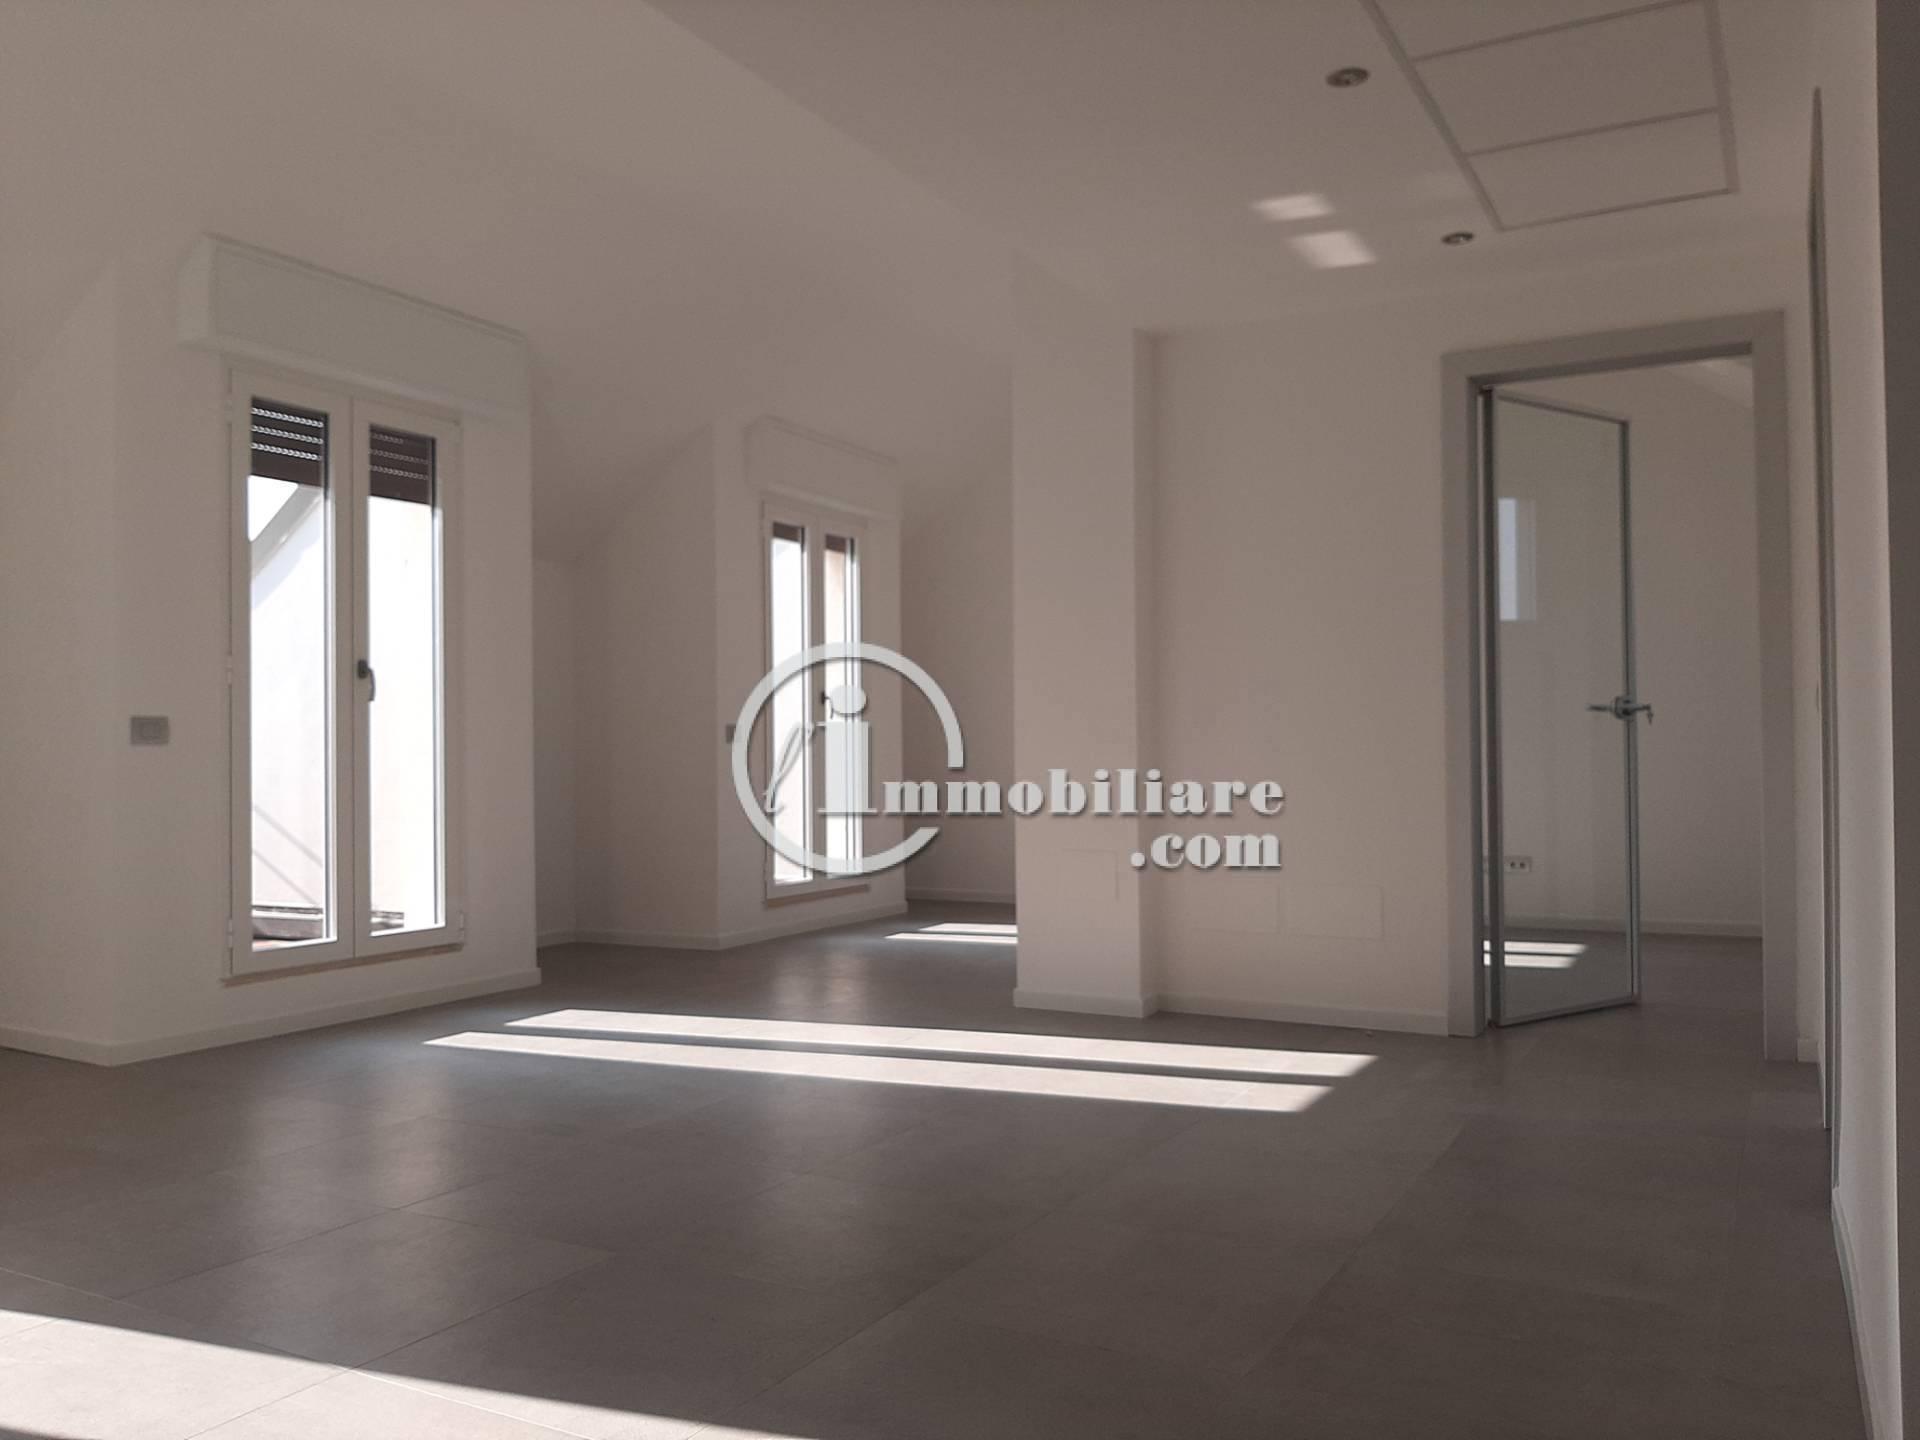 Ufficio-studio in Affitto a Milano 01 Centro storico (Cerchia dei Navigli): 3 locali, 72 mq